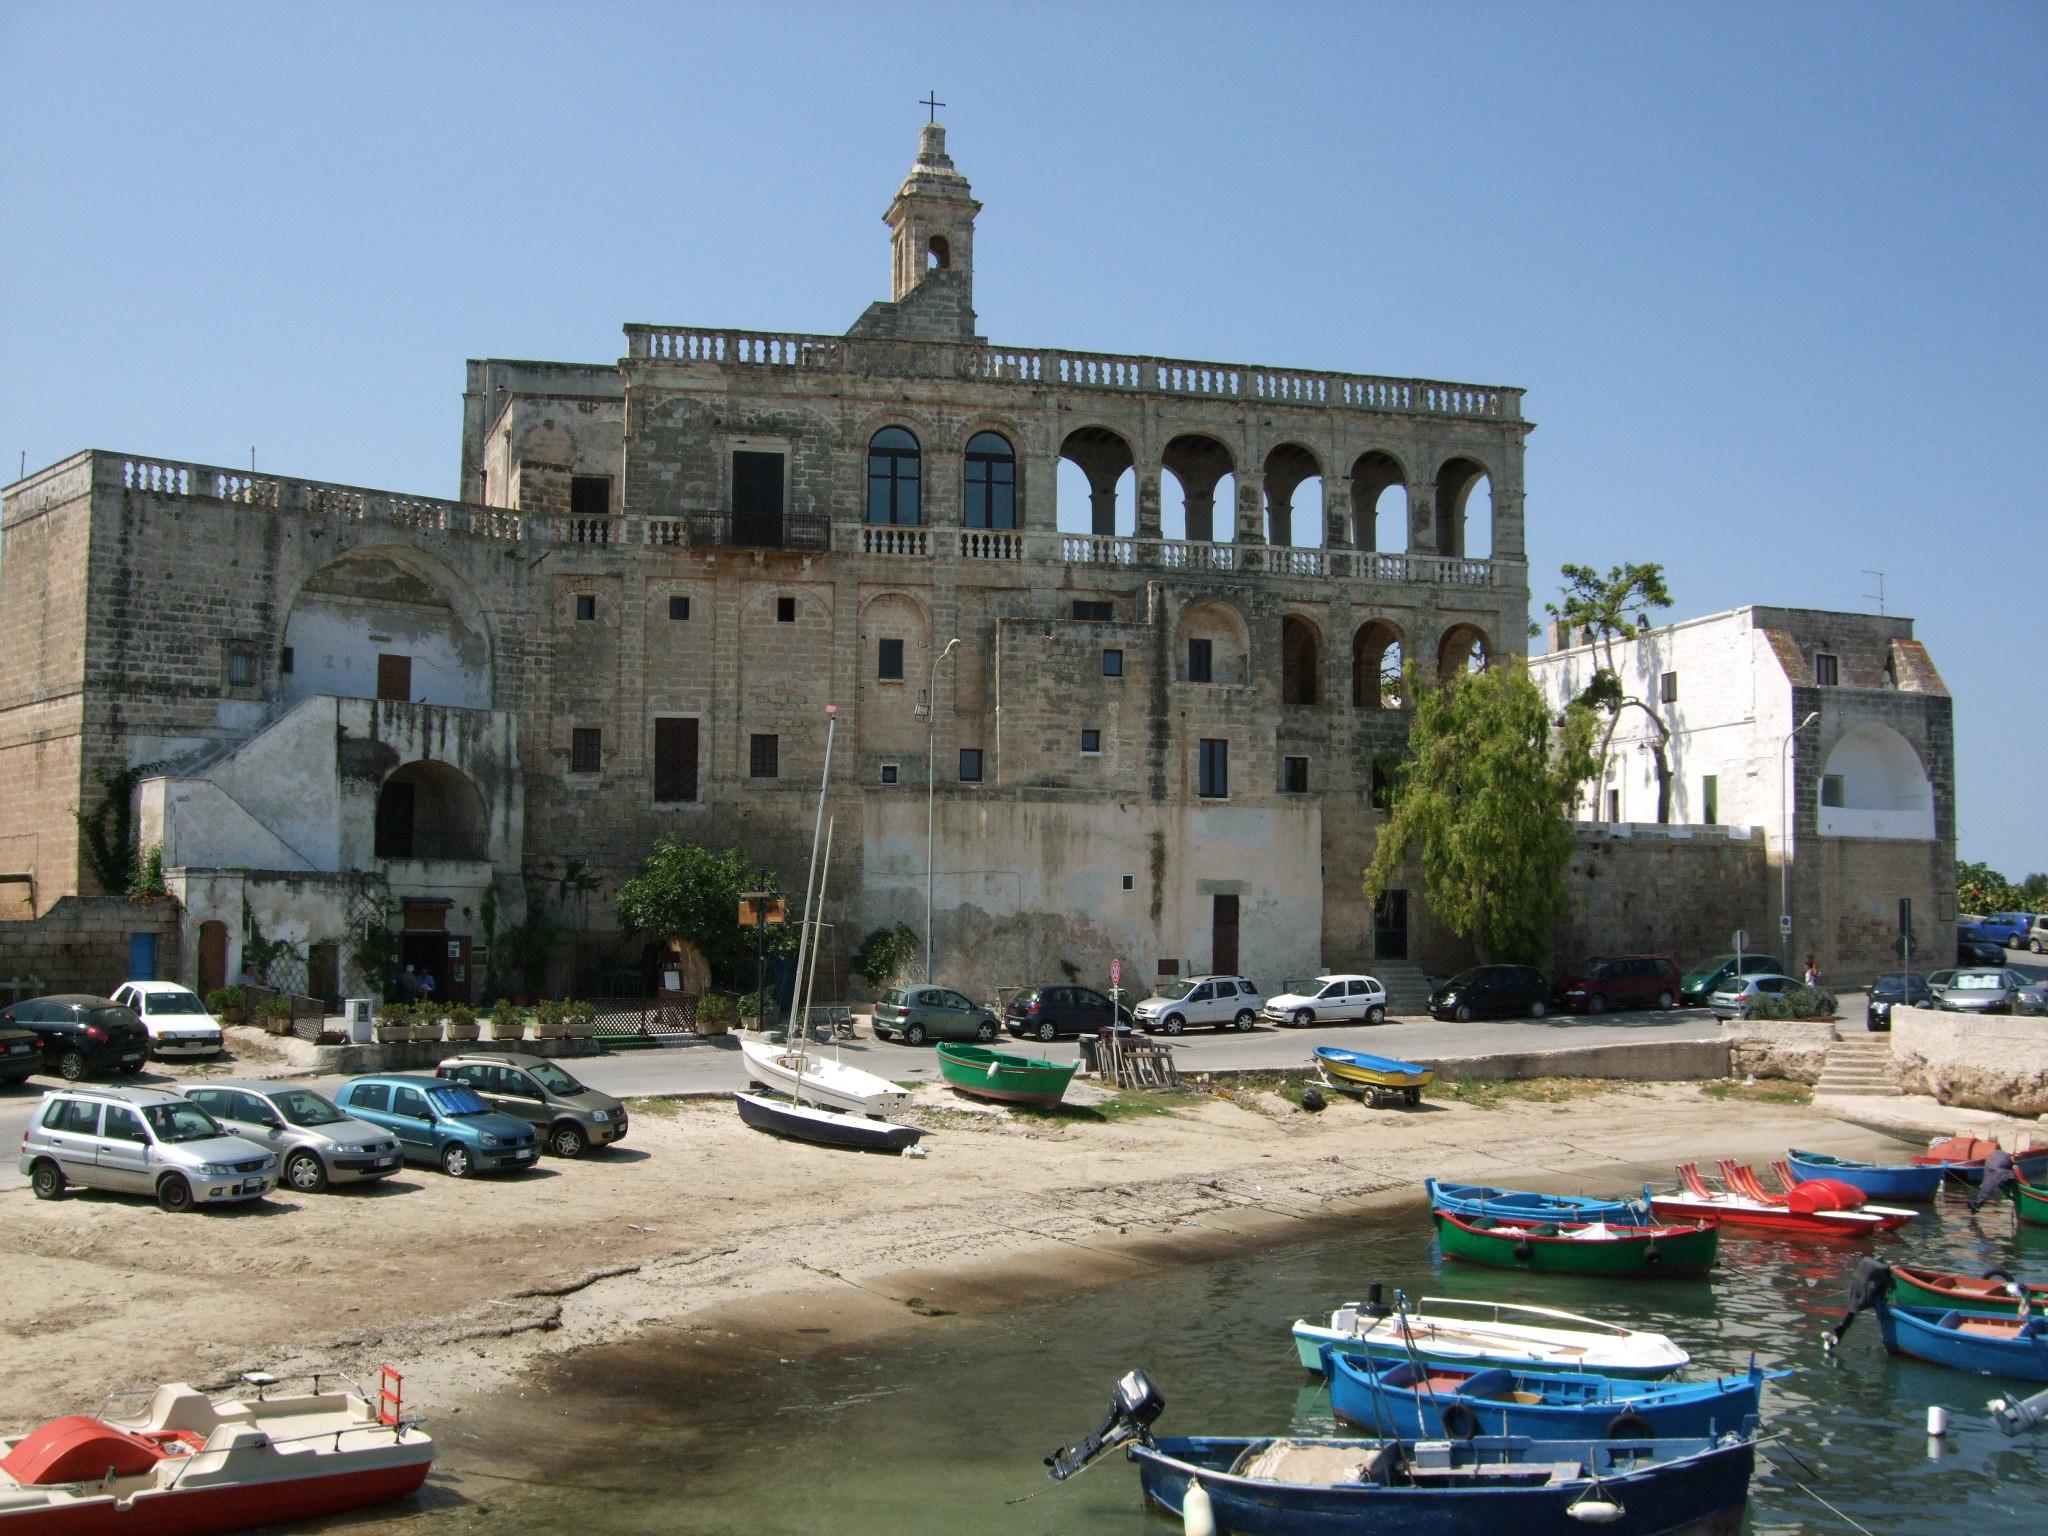 L'abbazia di San Vito a Polignano